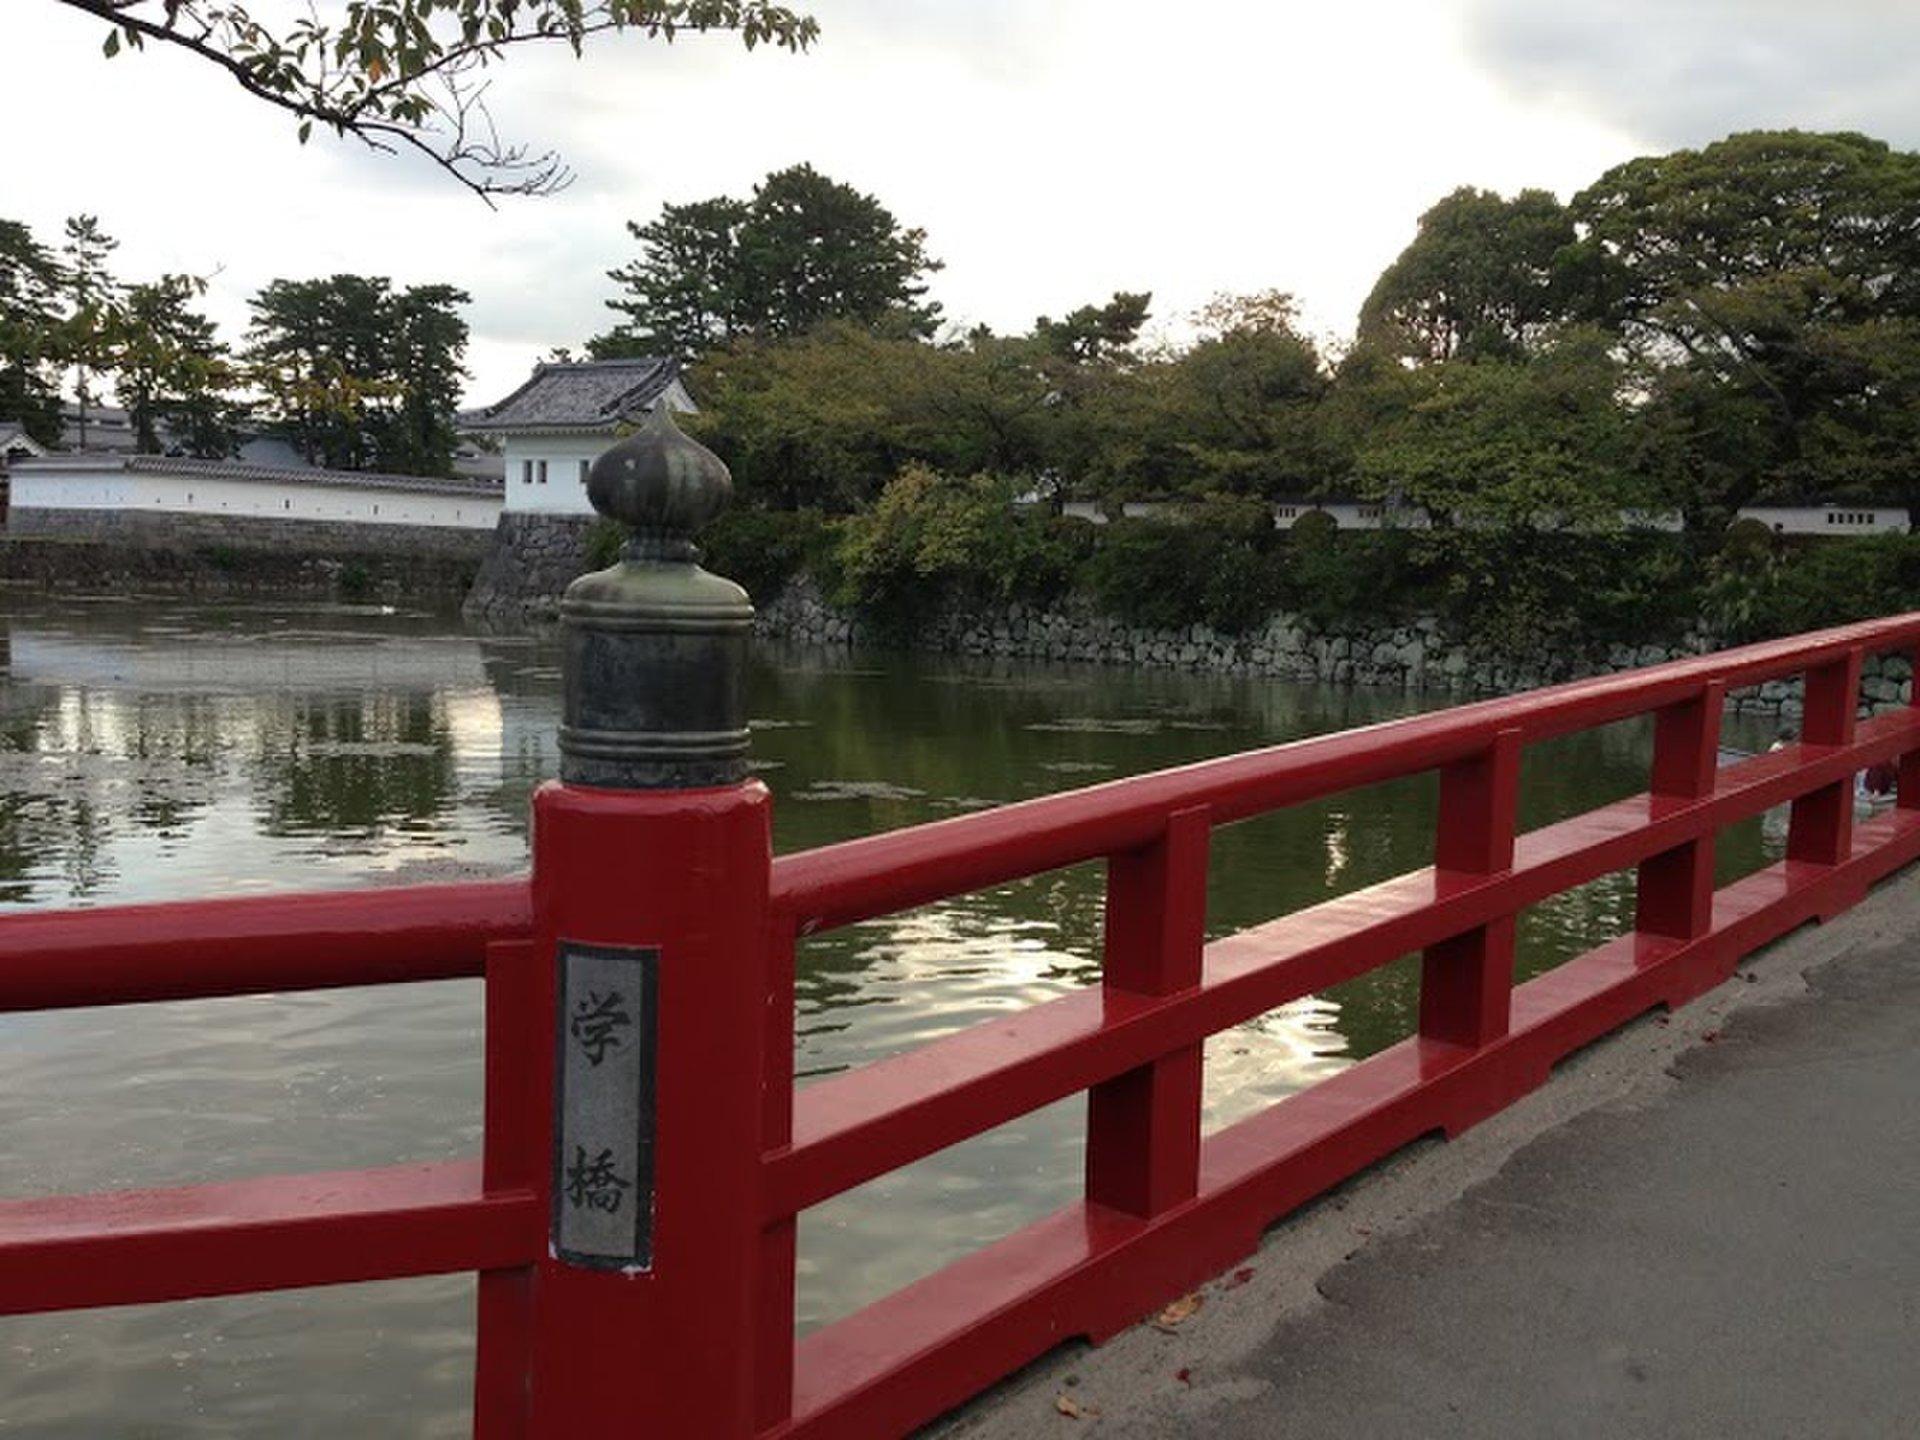 観光スポットで人気の神奈川県小田原のおすすめデートプラン!小田原城でお城めぐり!